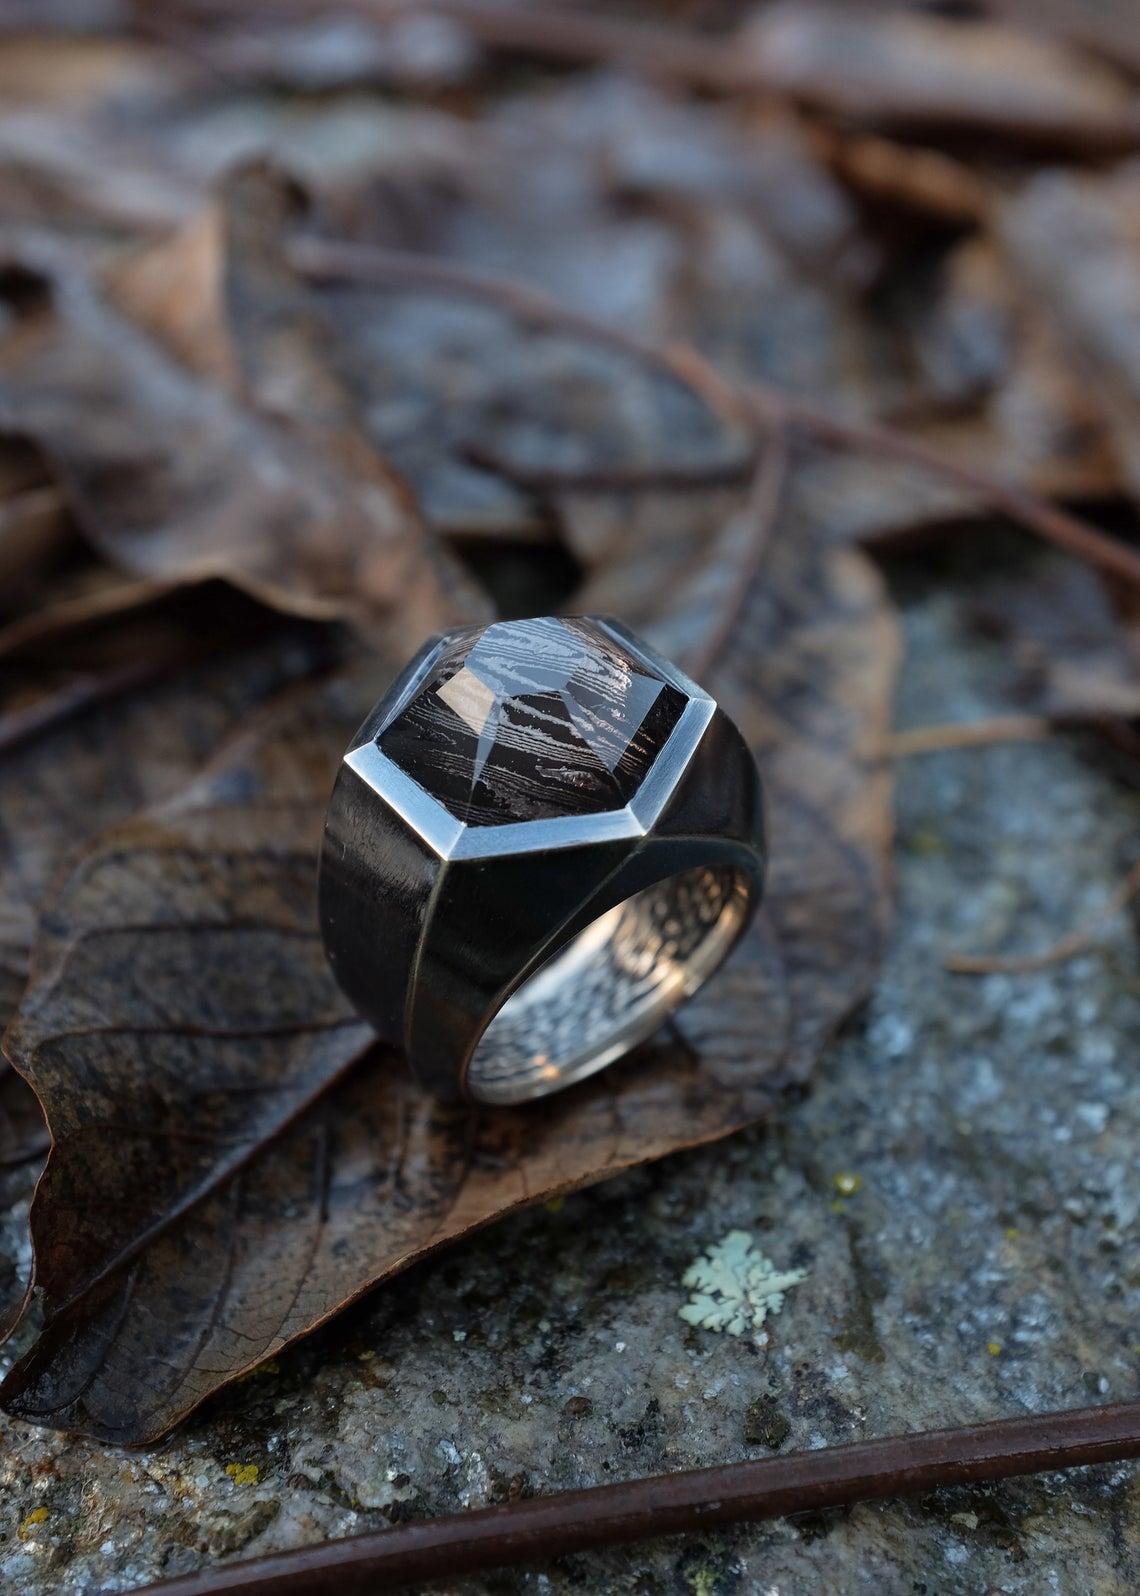 Shibuichi ring